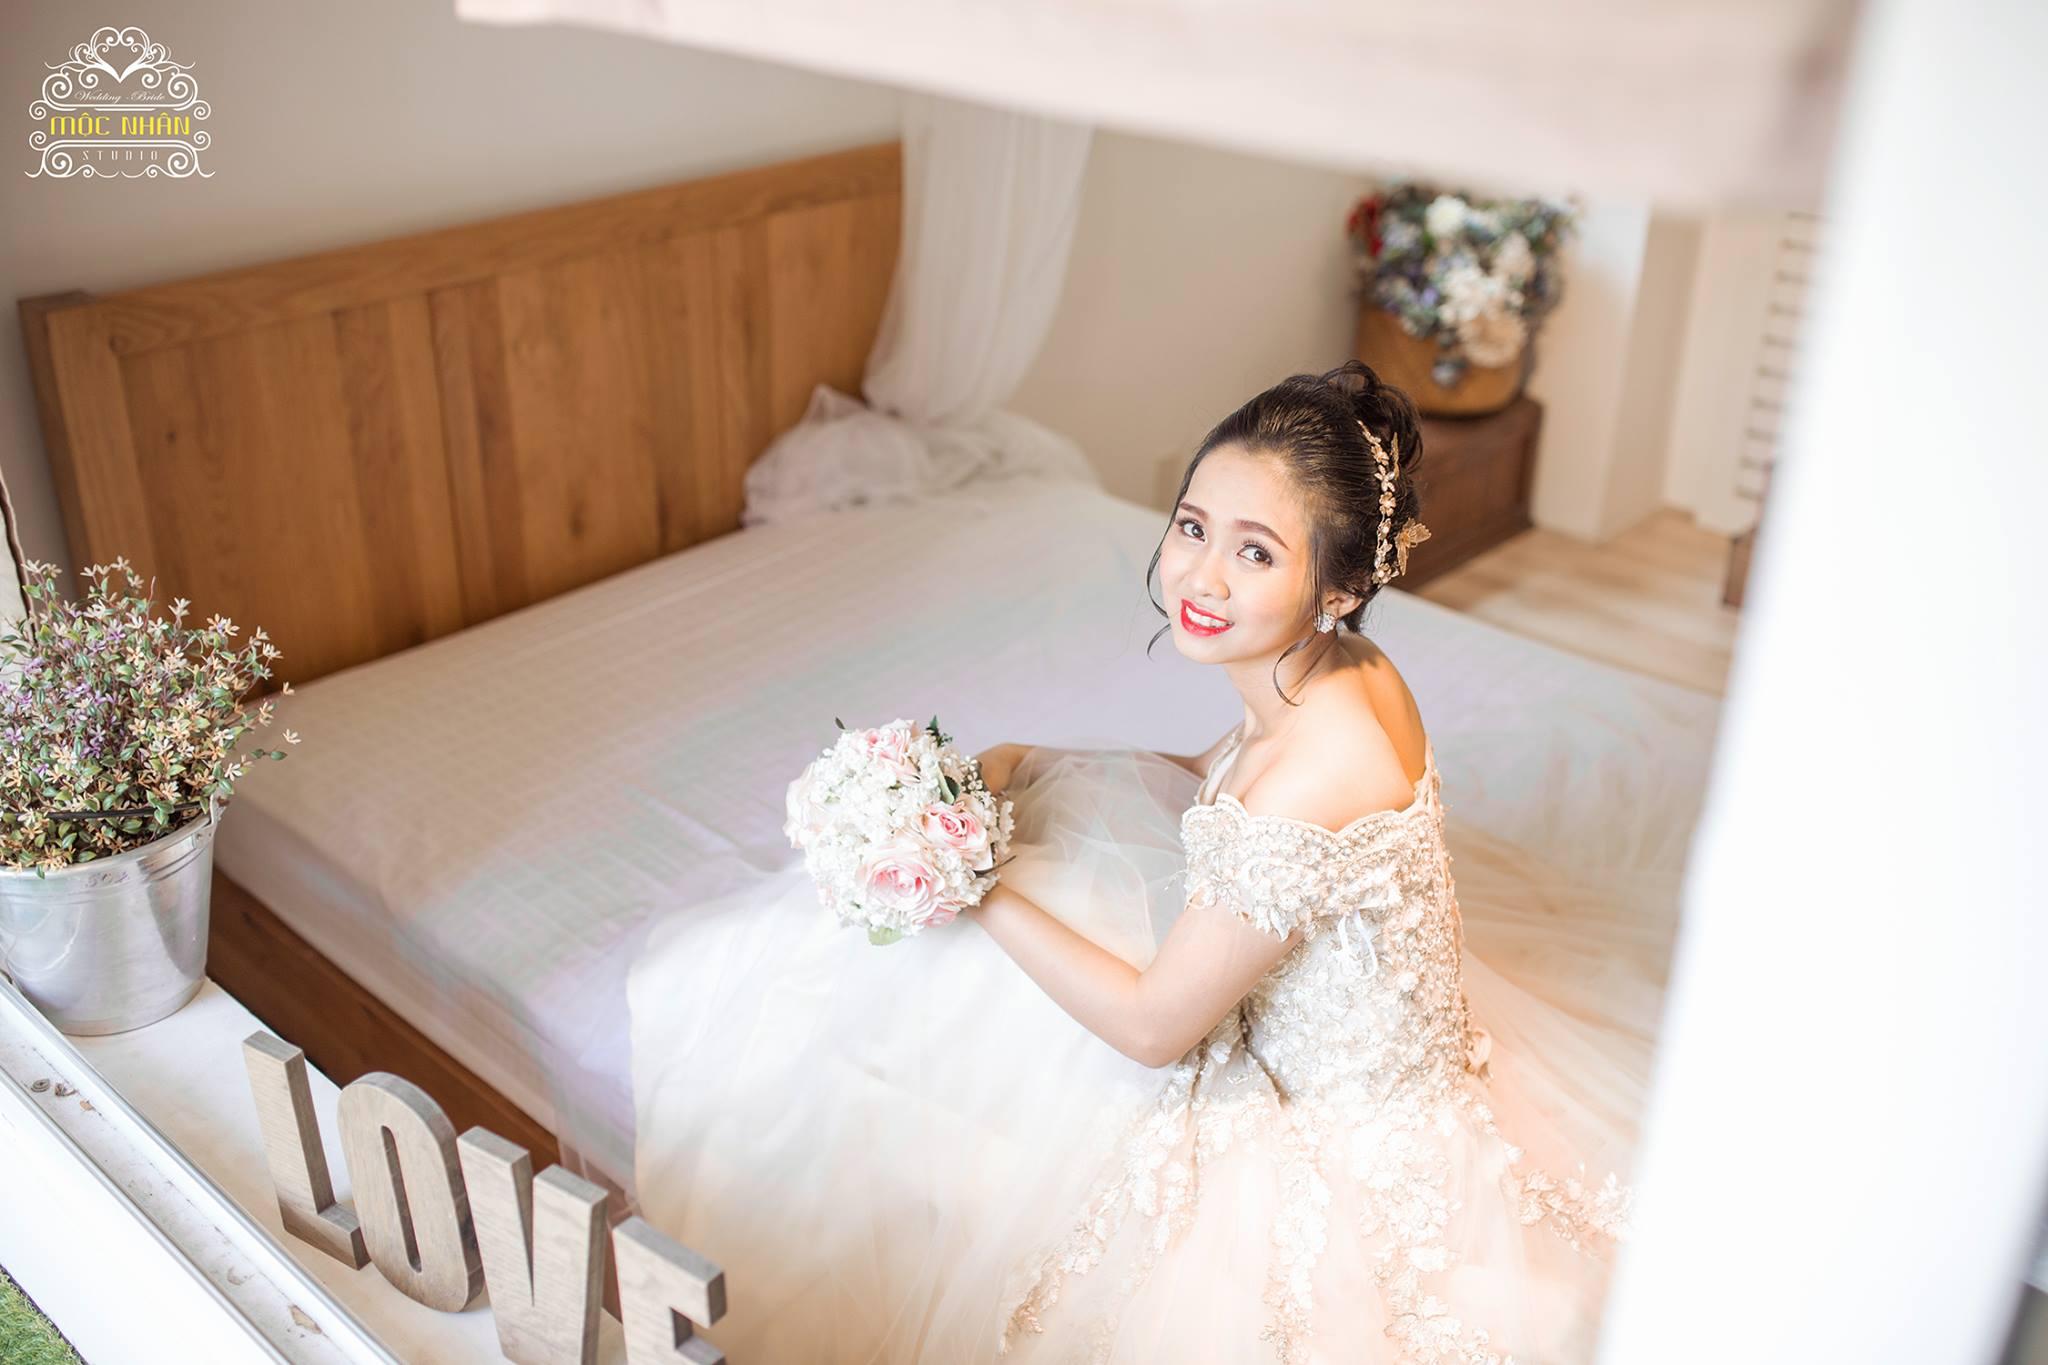 Top 7 tiệm trang điểm cô dâu đẹp nhất tại Đồng Nai -  MỘC NHÂN Studio